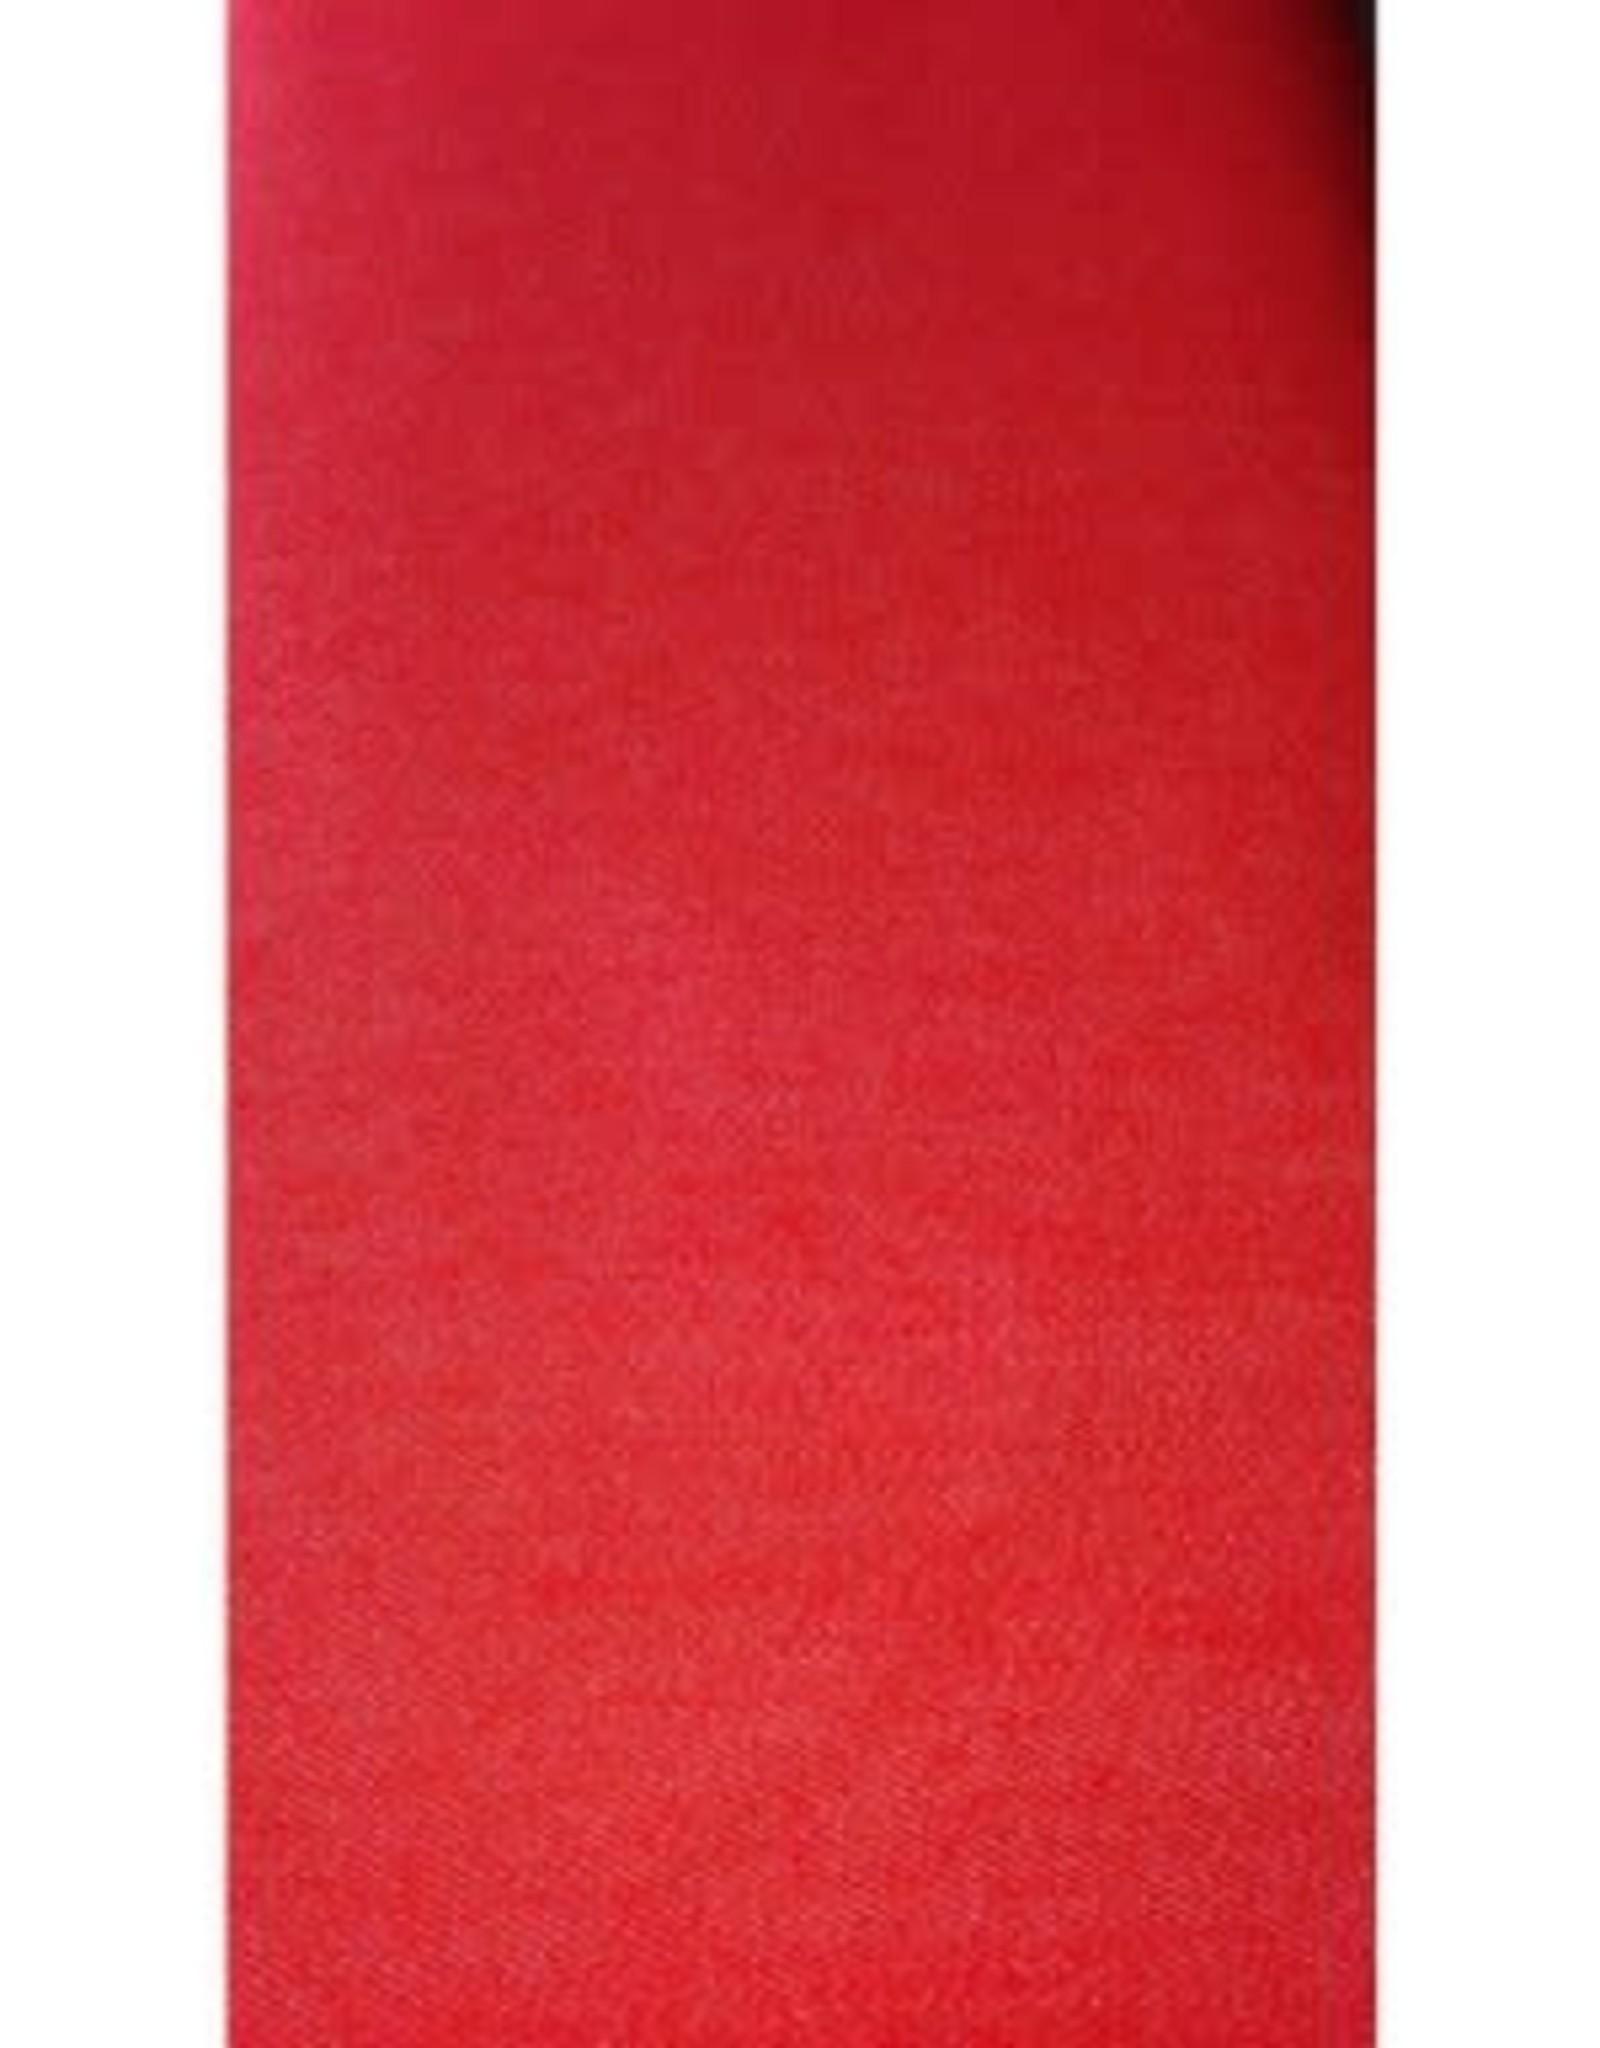 Jeans Oranje 148 cm breed